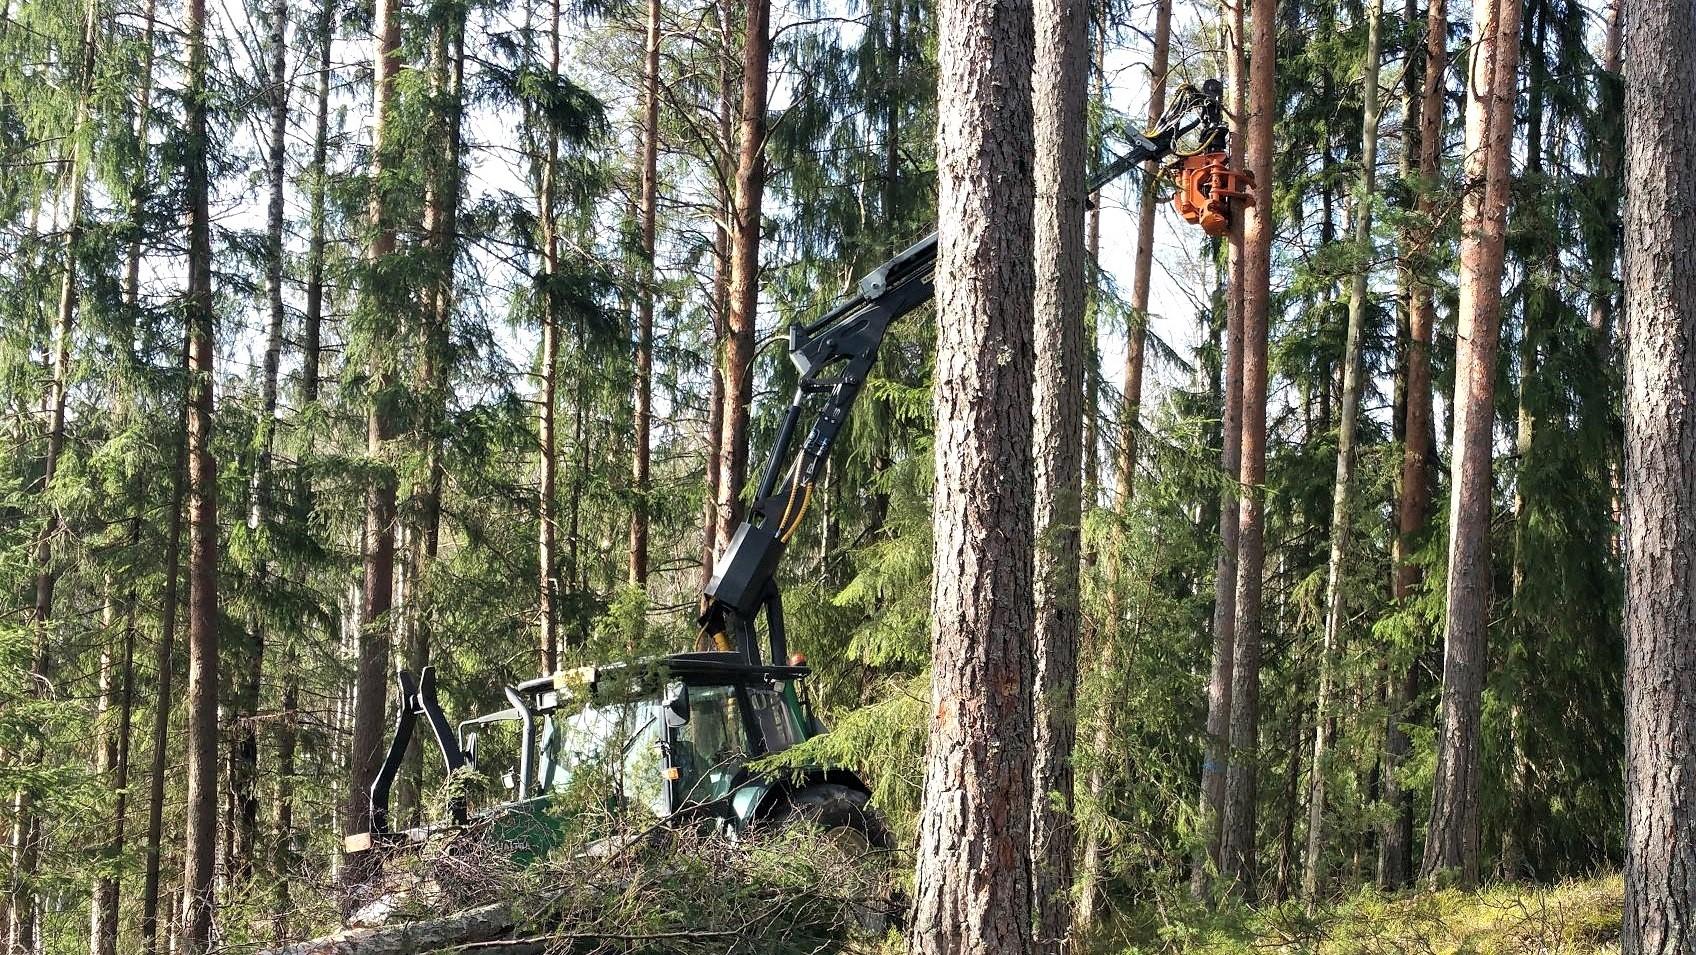 Axer è un costruttore di attrezzature forestali compatte